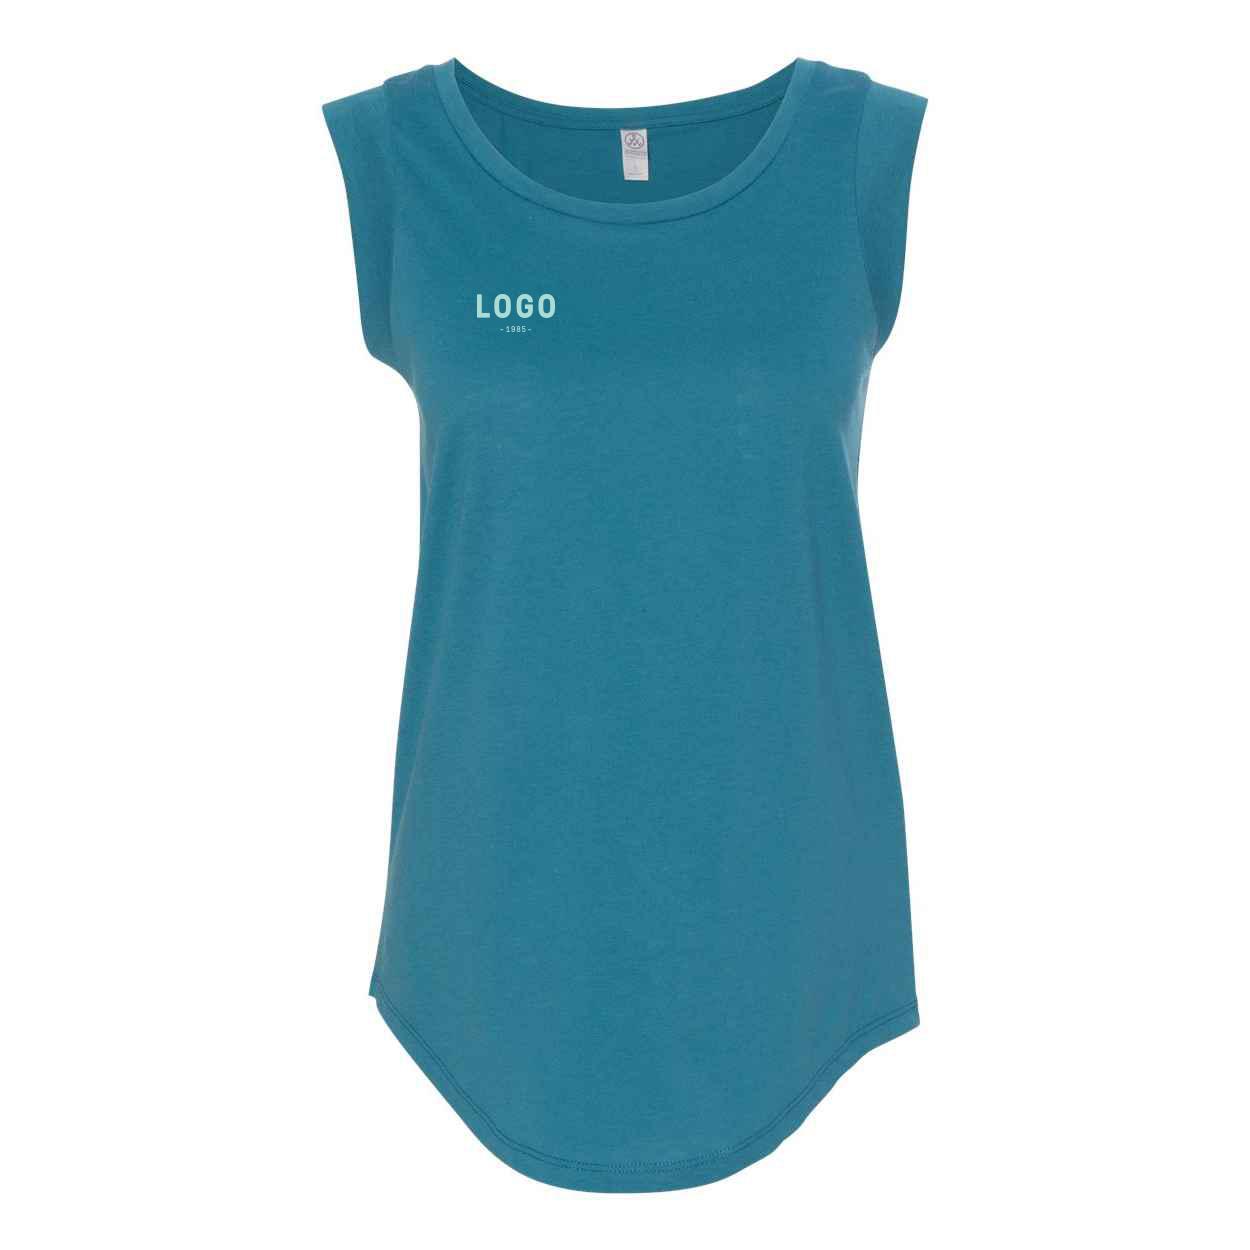 122688 cap sleeve satin jersey crew t shirt one color imprint